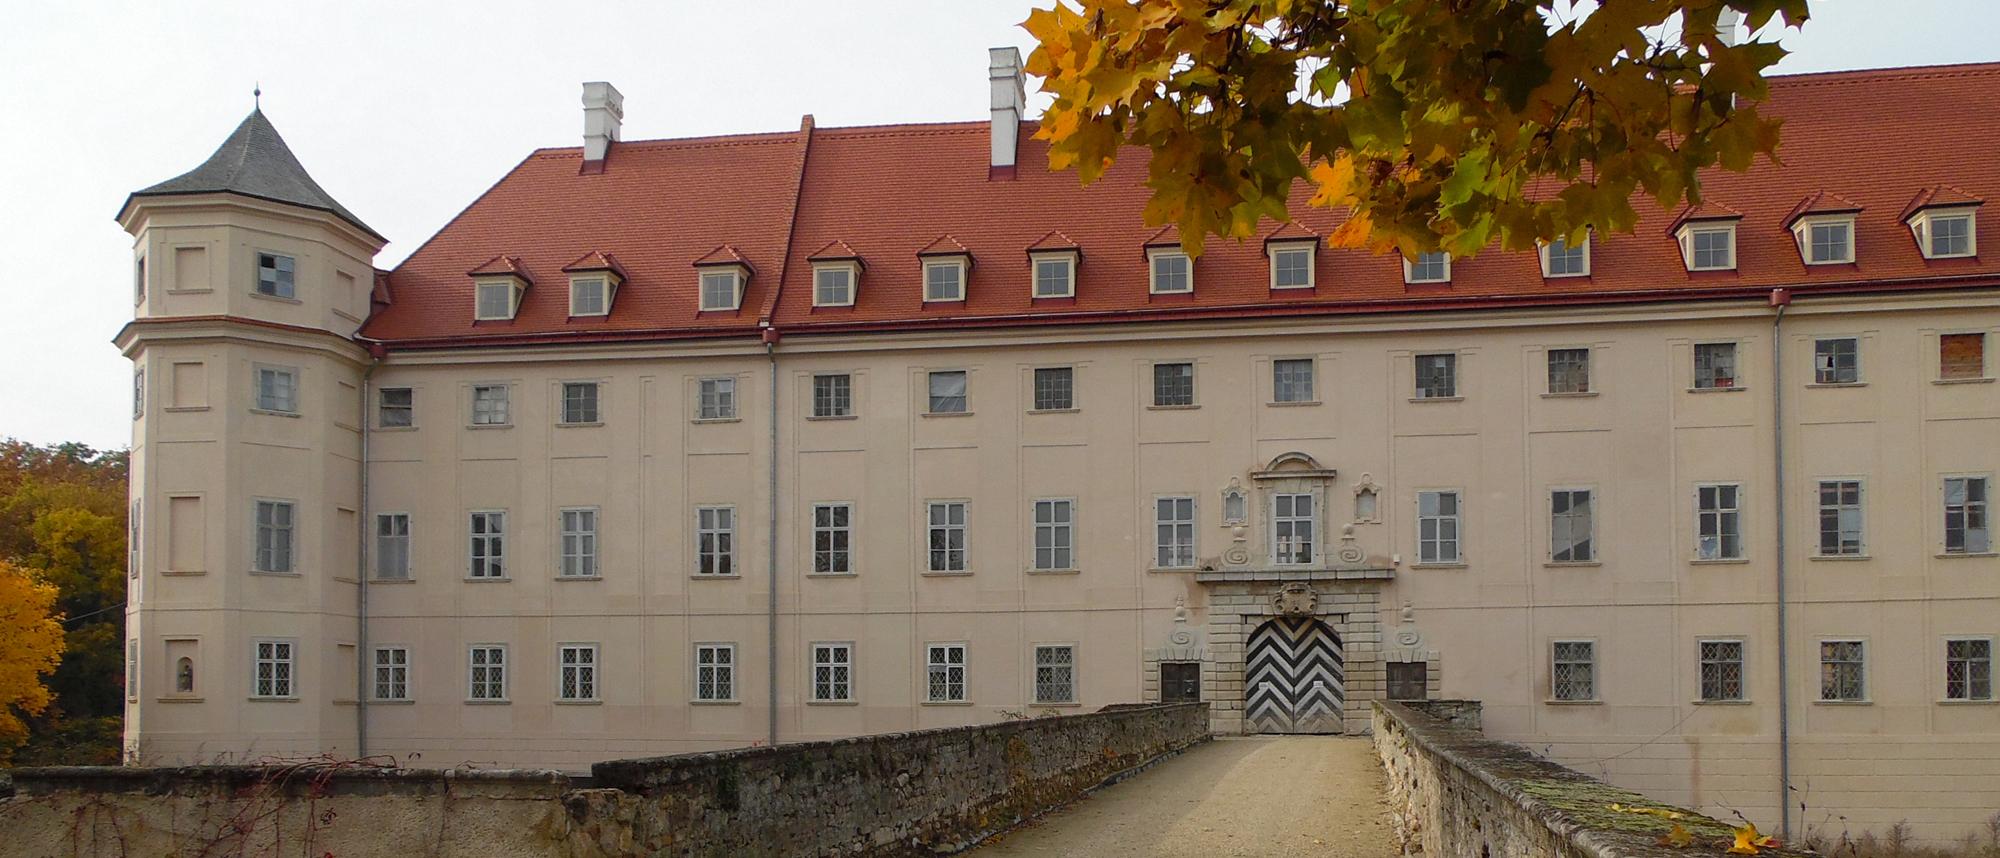 Schloss Petronell © Peter Diem